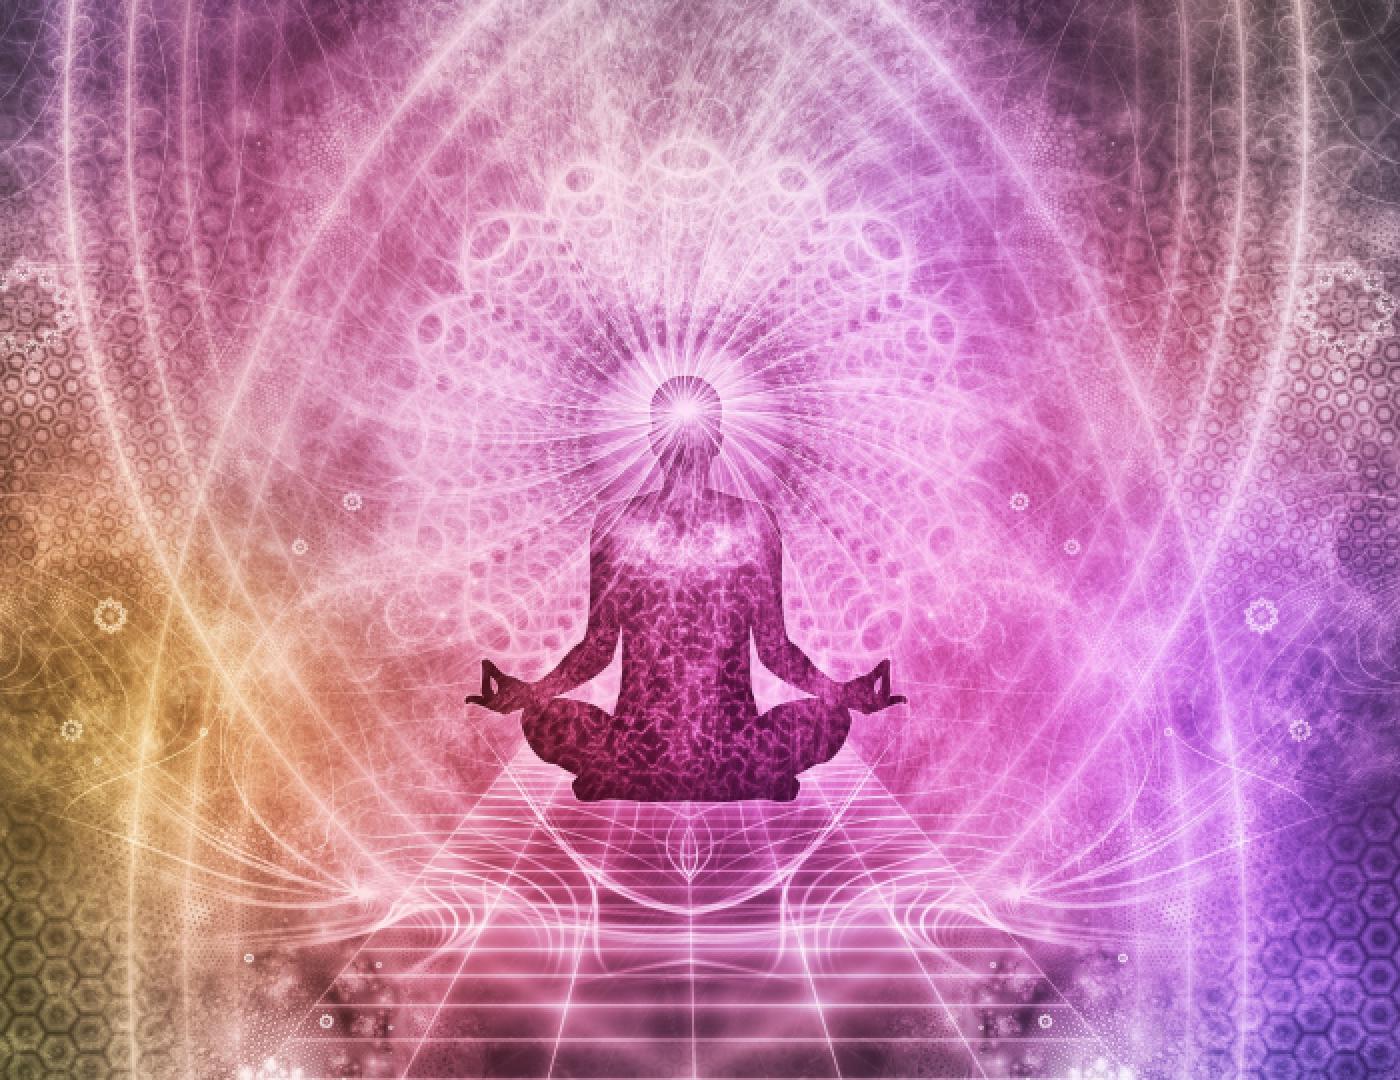 Despierta en ti uno de los poderes más grandes del universo (Haz CLIC en la imagen)